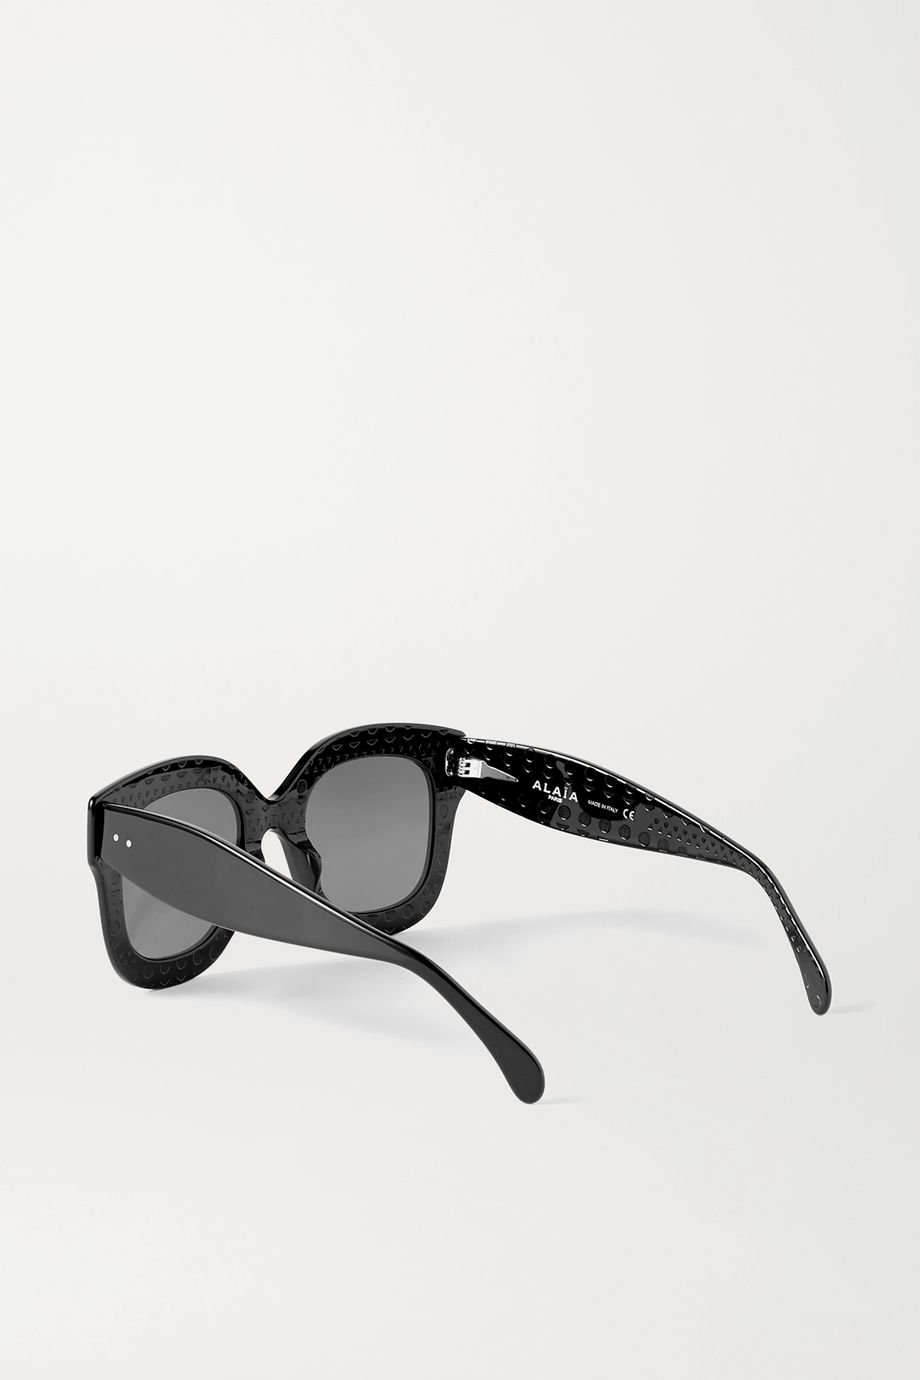 Alaïa D-frame acetate sunglasses